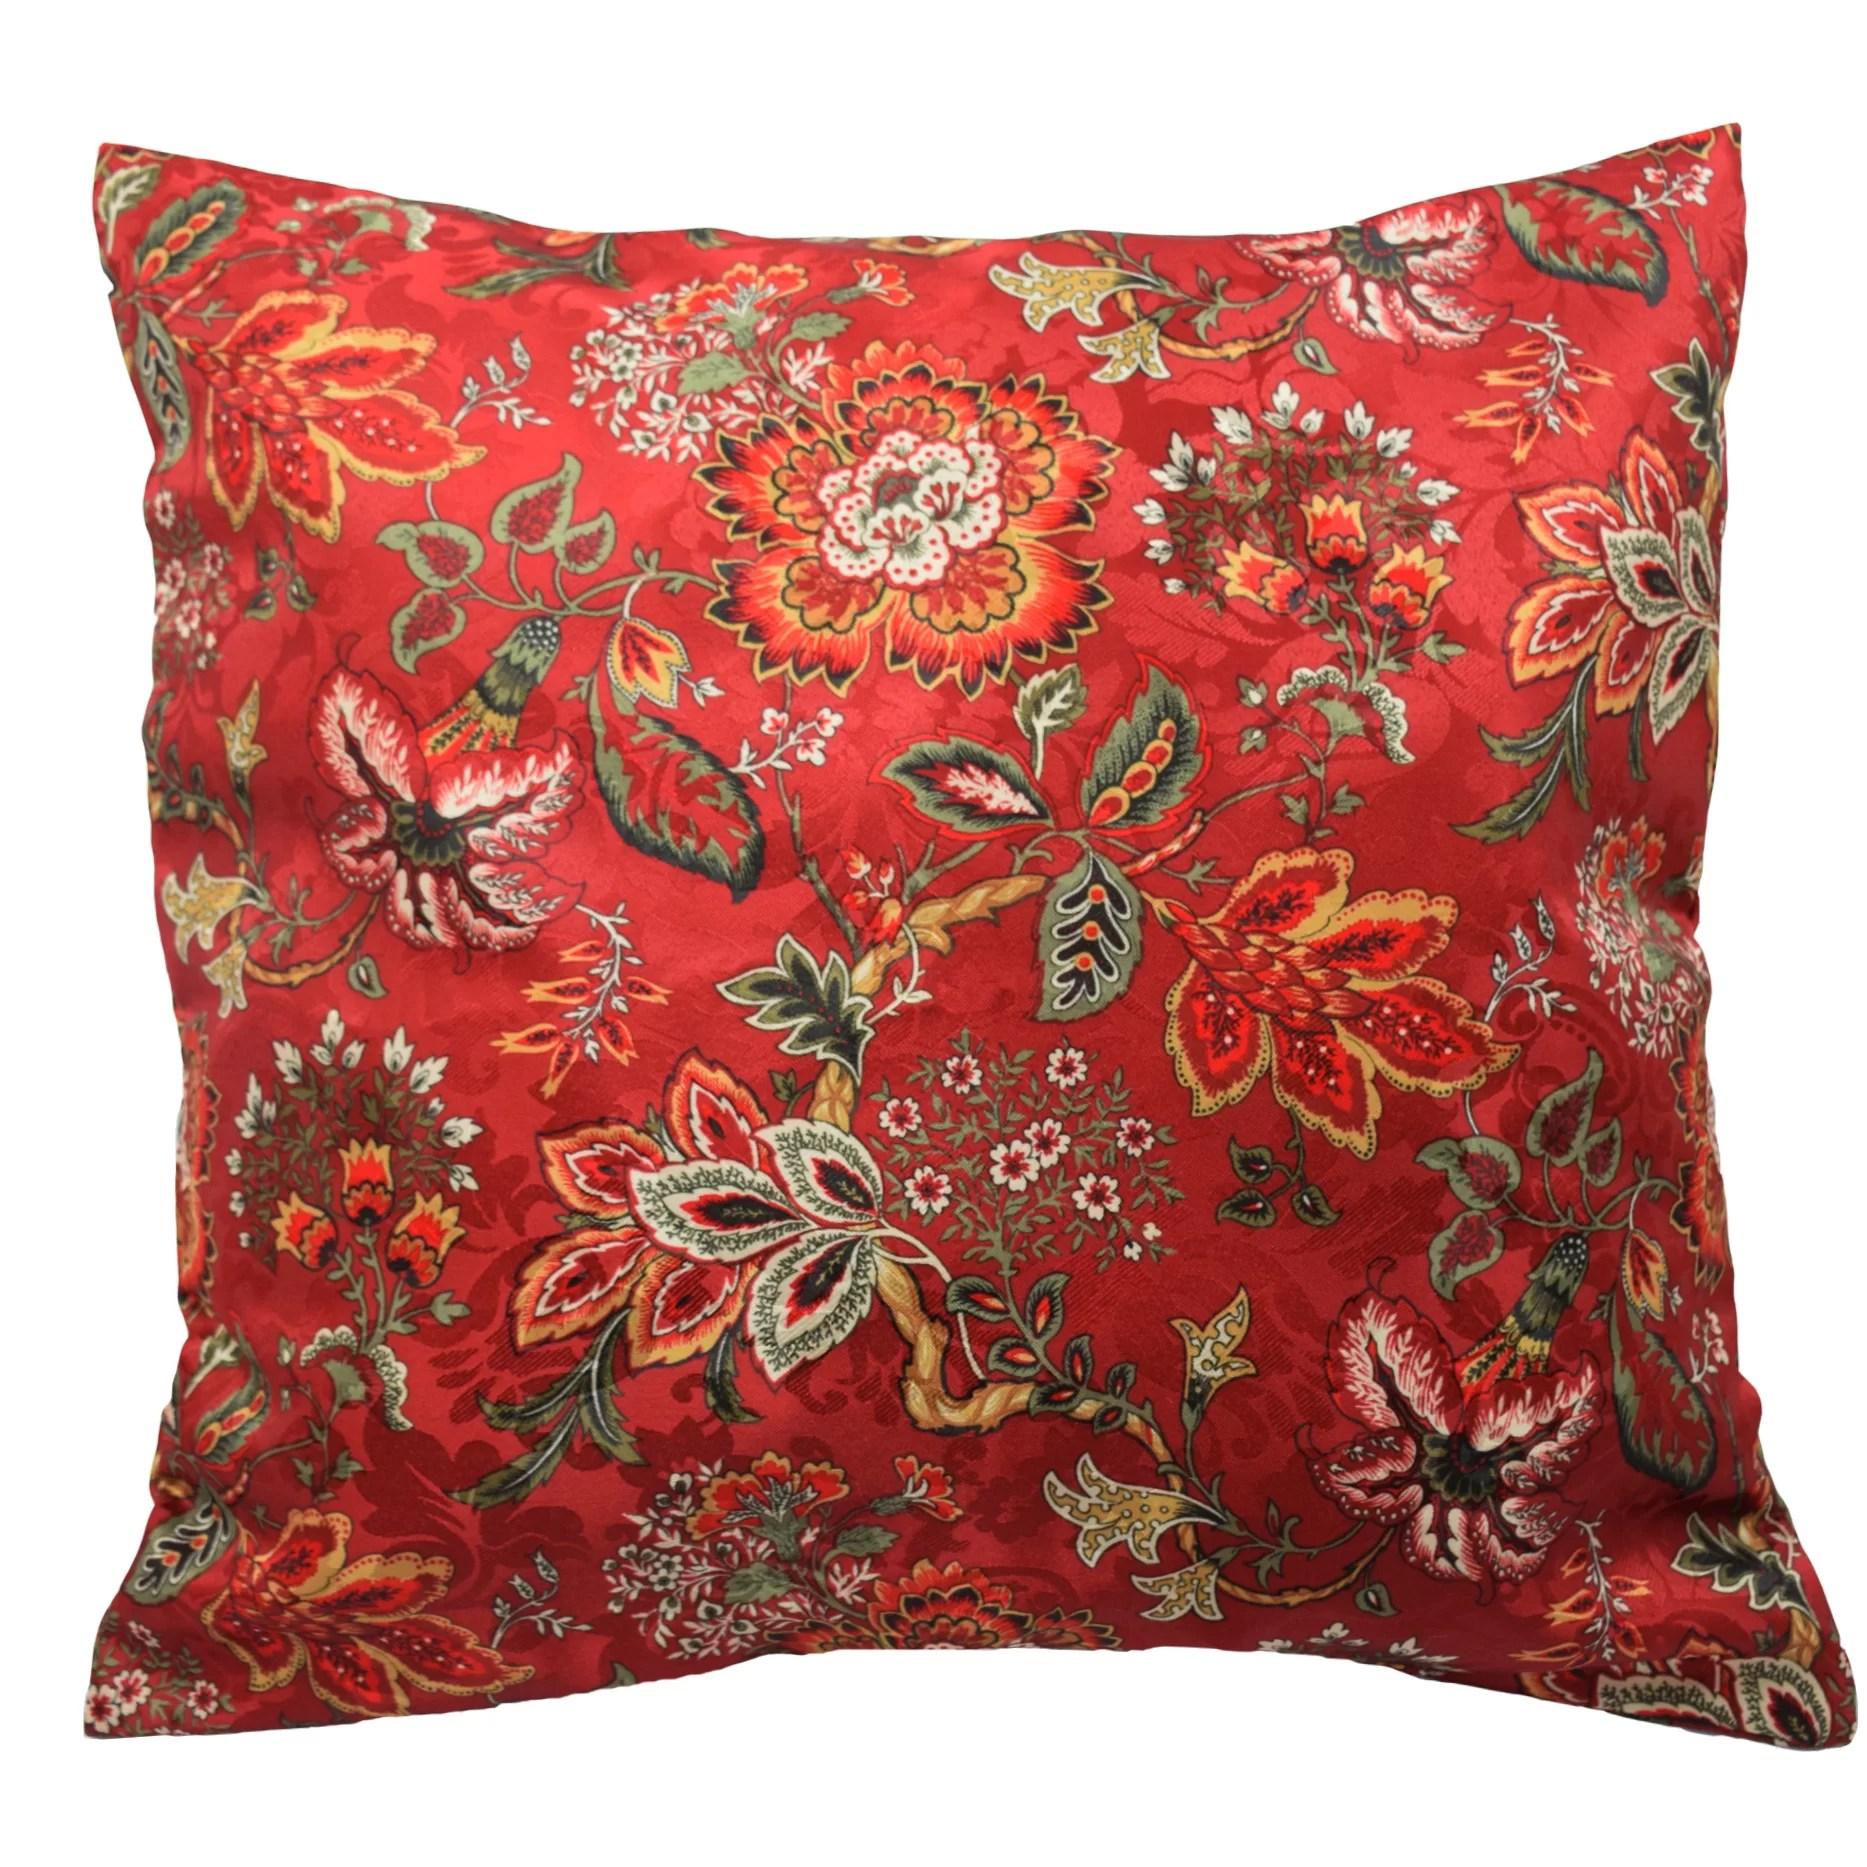 Picp2iwqkwyyzygmmrgmzphq2mwmt4hl29gy2ygymp1aqz3aglmy2aiokolykv4af82zmzjymlmzmn1zwd4y2ifmkoblj50yjeyl29llkecqzhgqtulo3pgptyfot93yzcjmjelephant Decorative Throw Pillowjpg